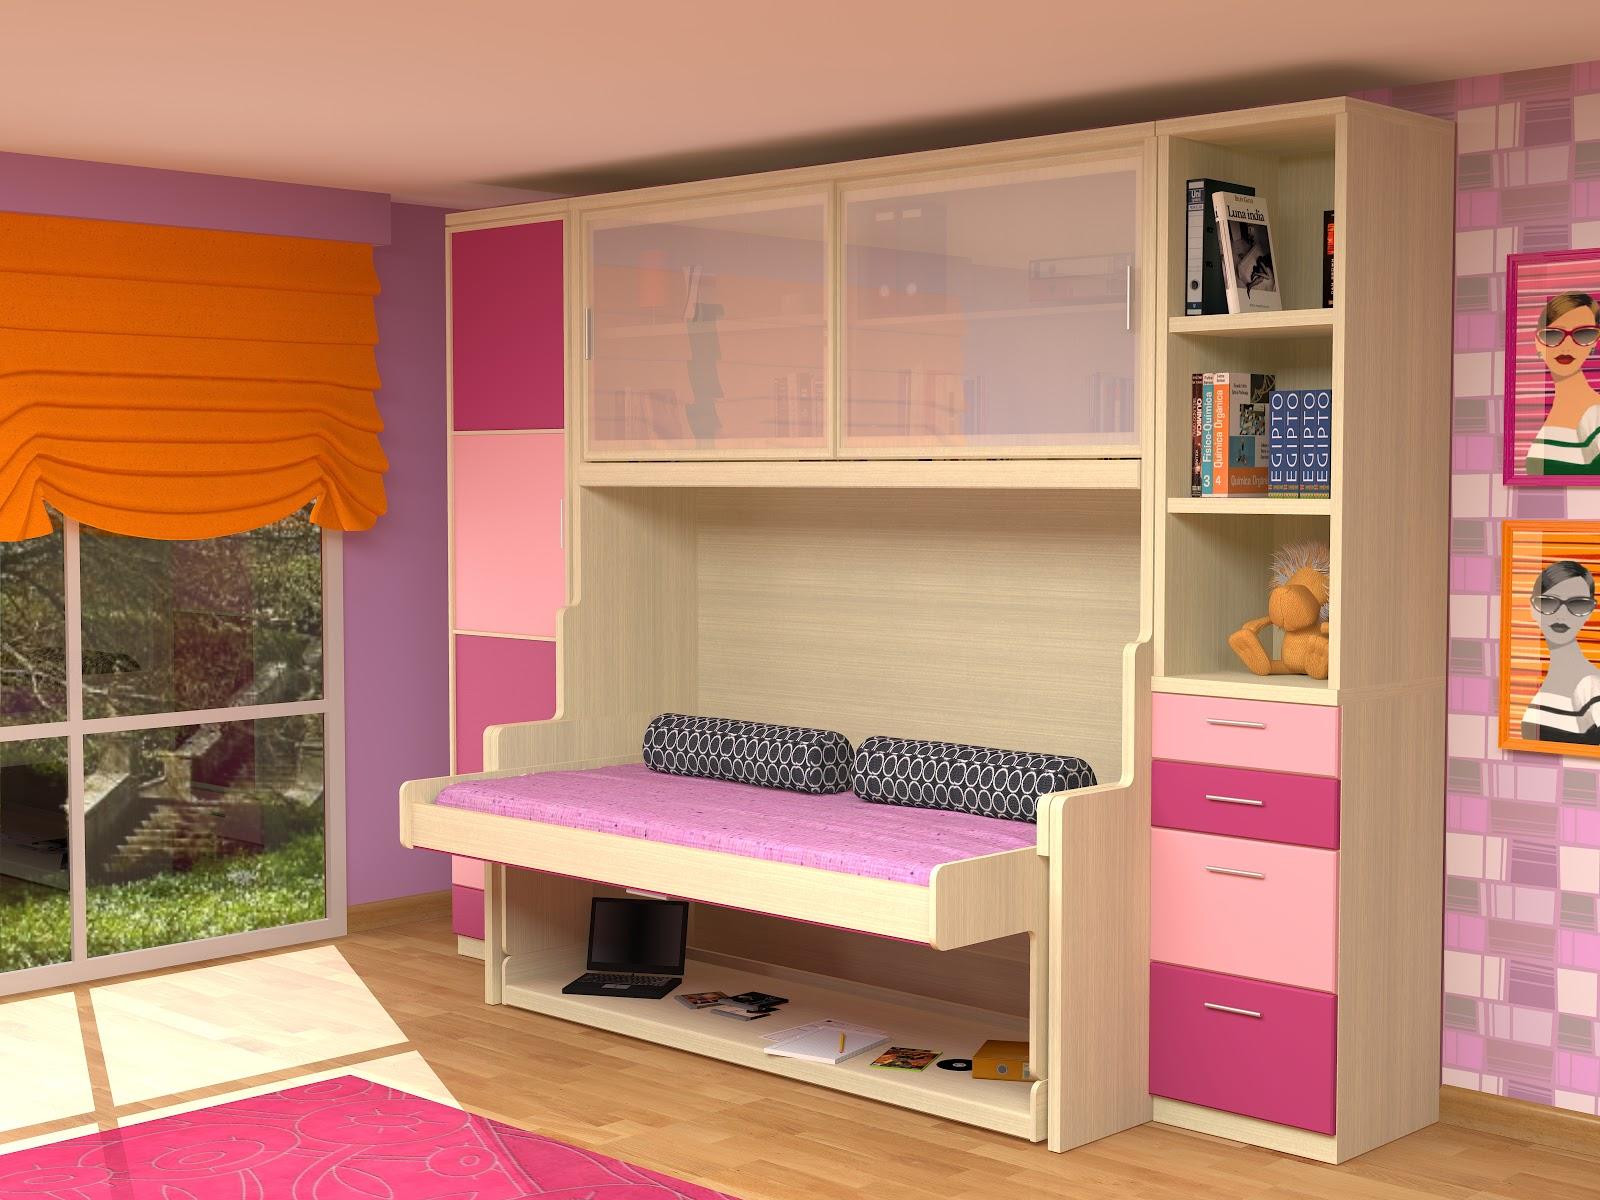 Muebles juveniles dormitorios infantiles y habitaciones for Camas de 1 05 juveniles